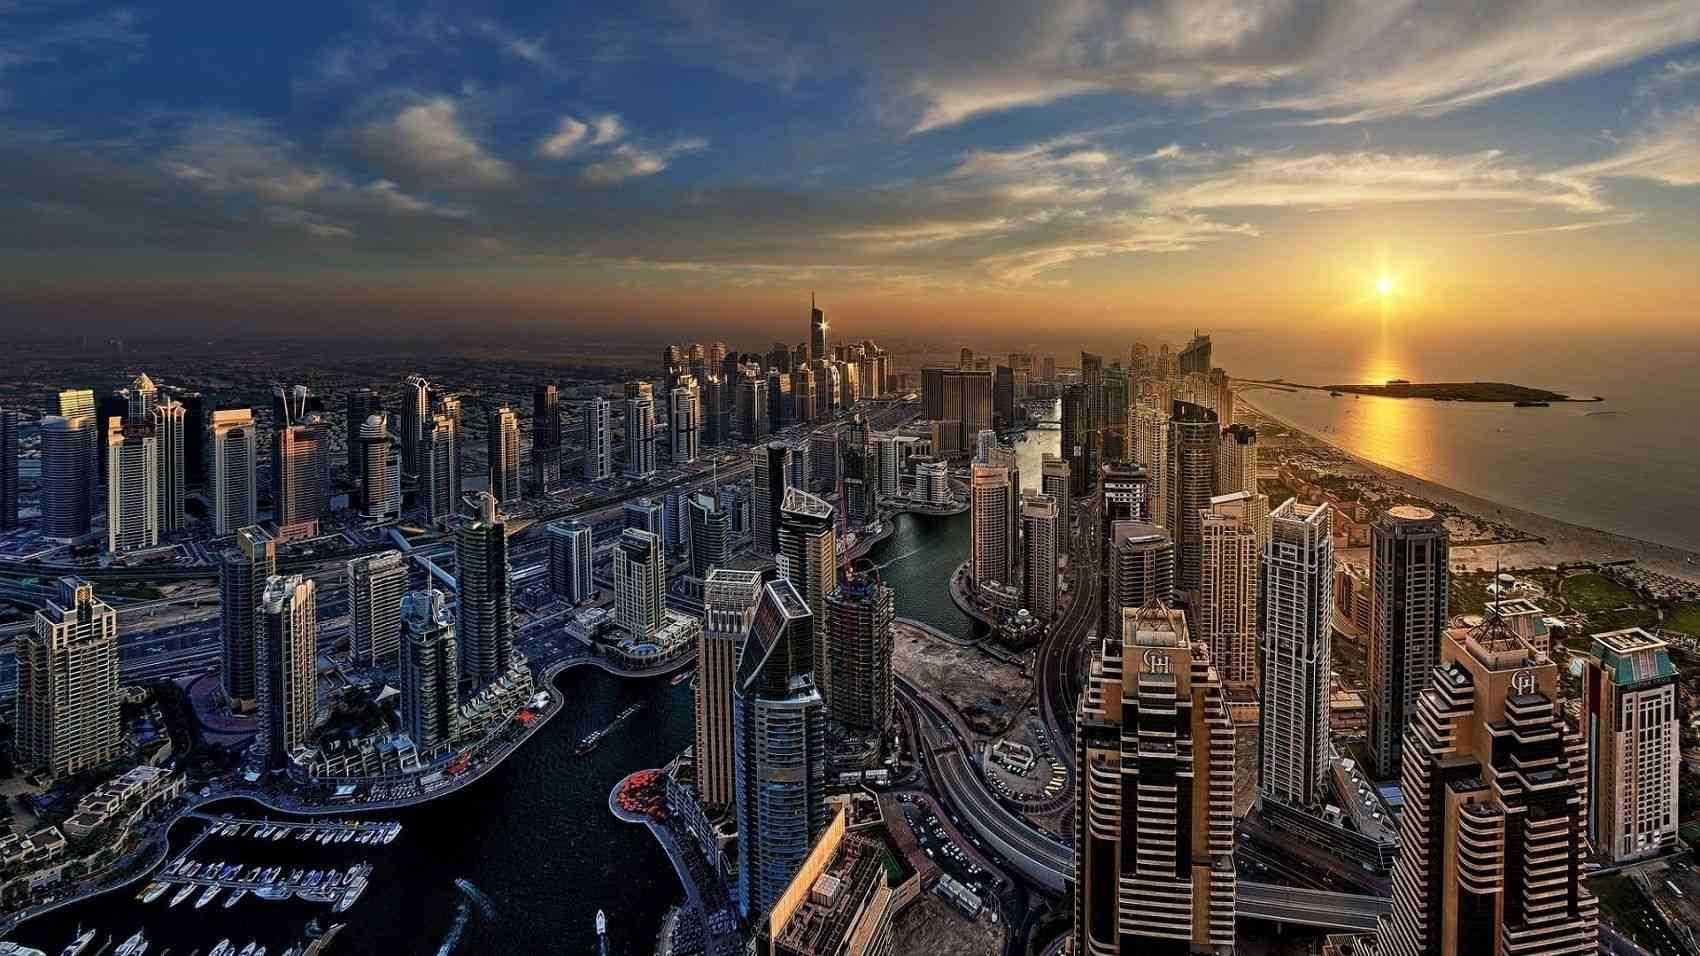 مکان های دیدنی دبی ؛ شلوغ ترین جاذبه های گردشگری دبی